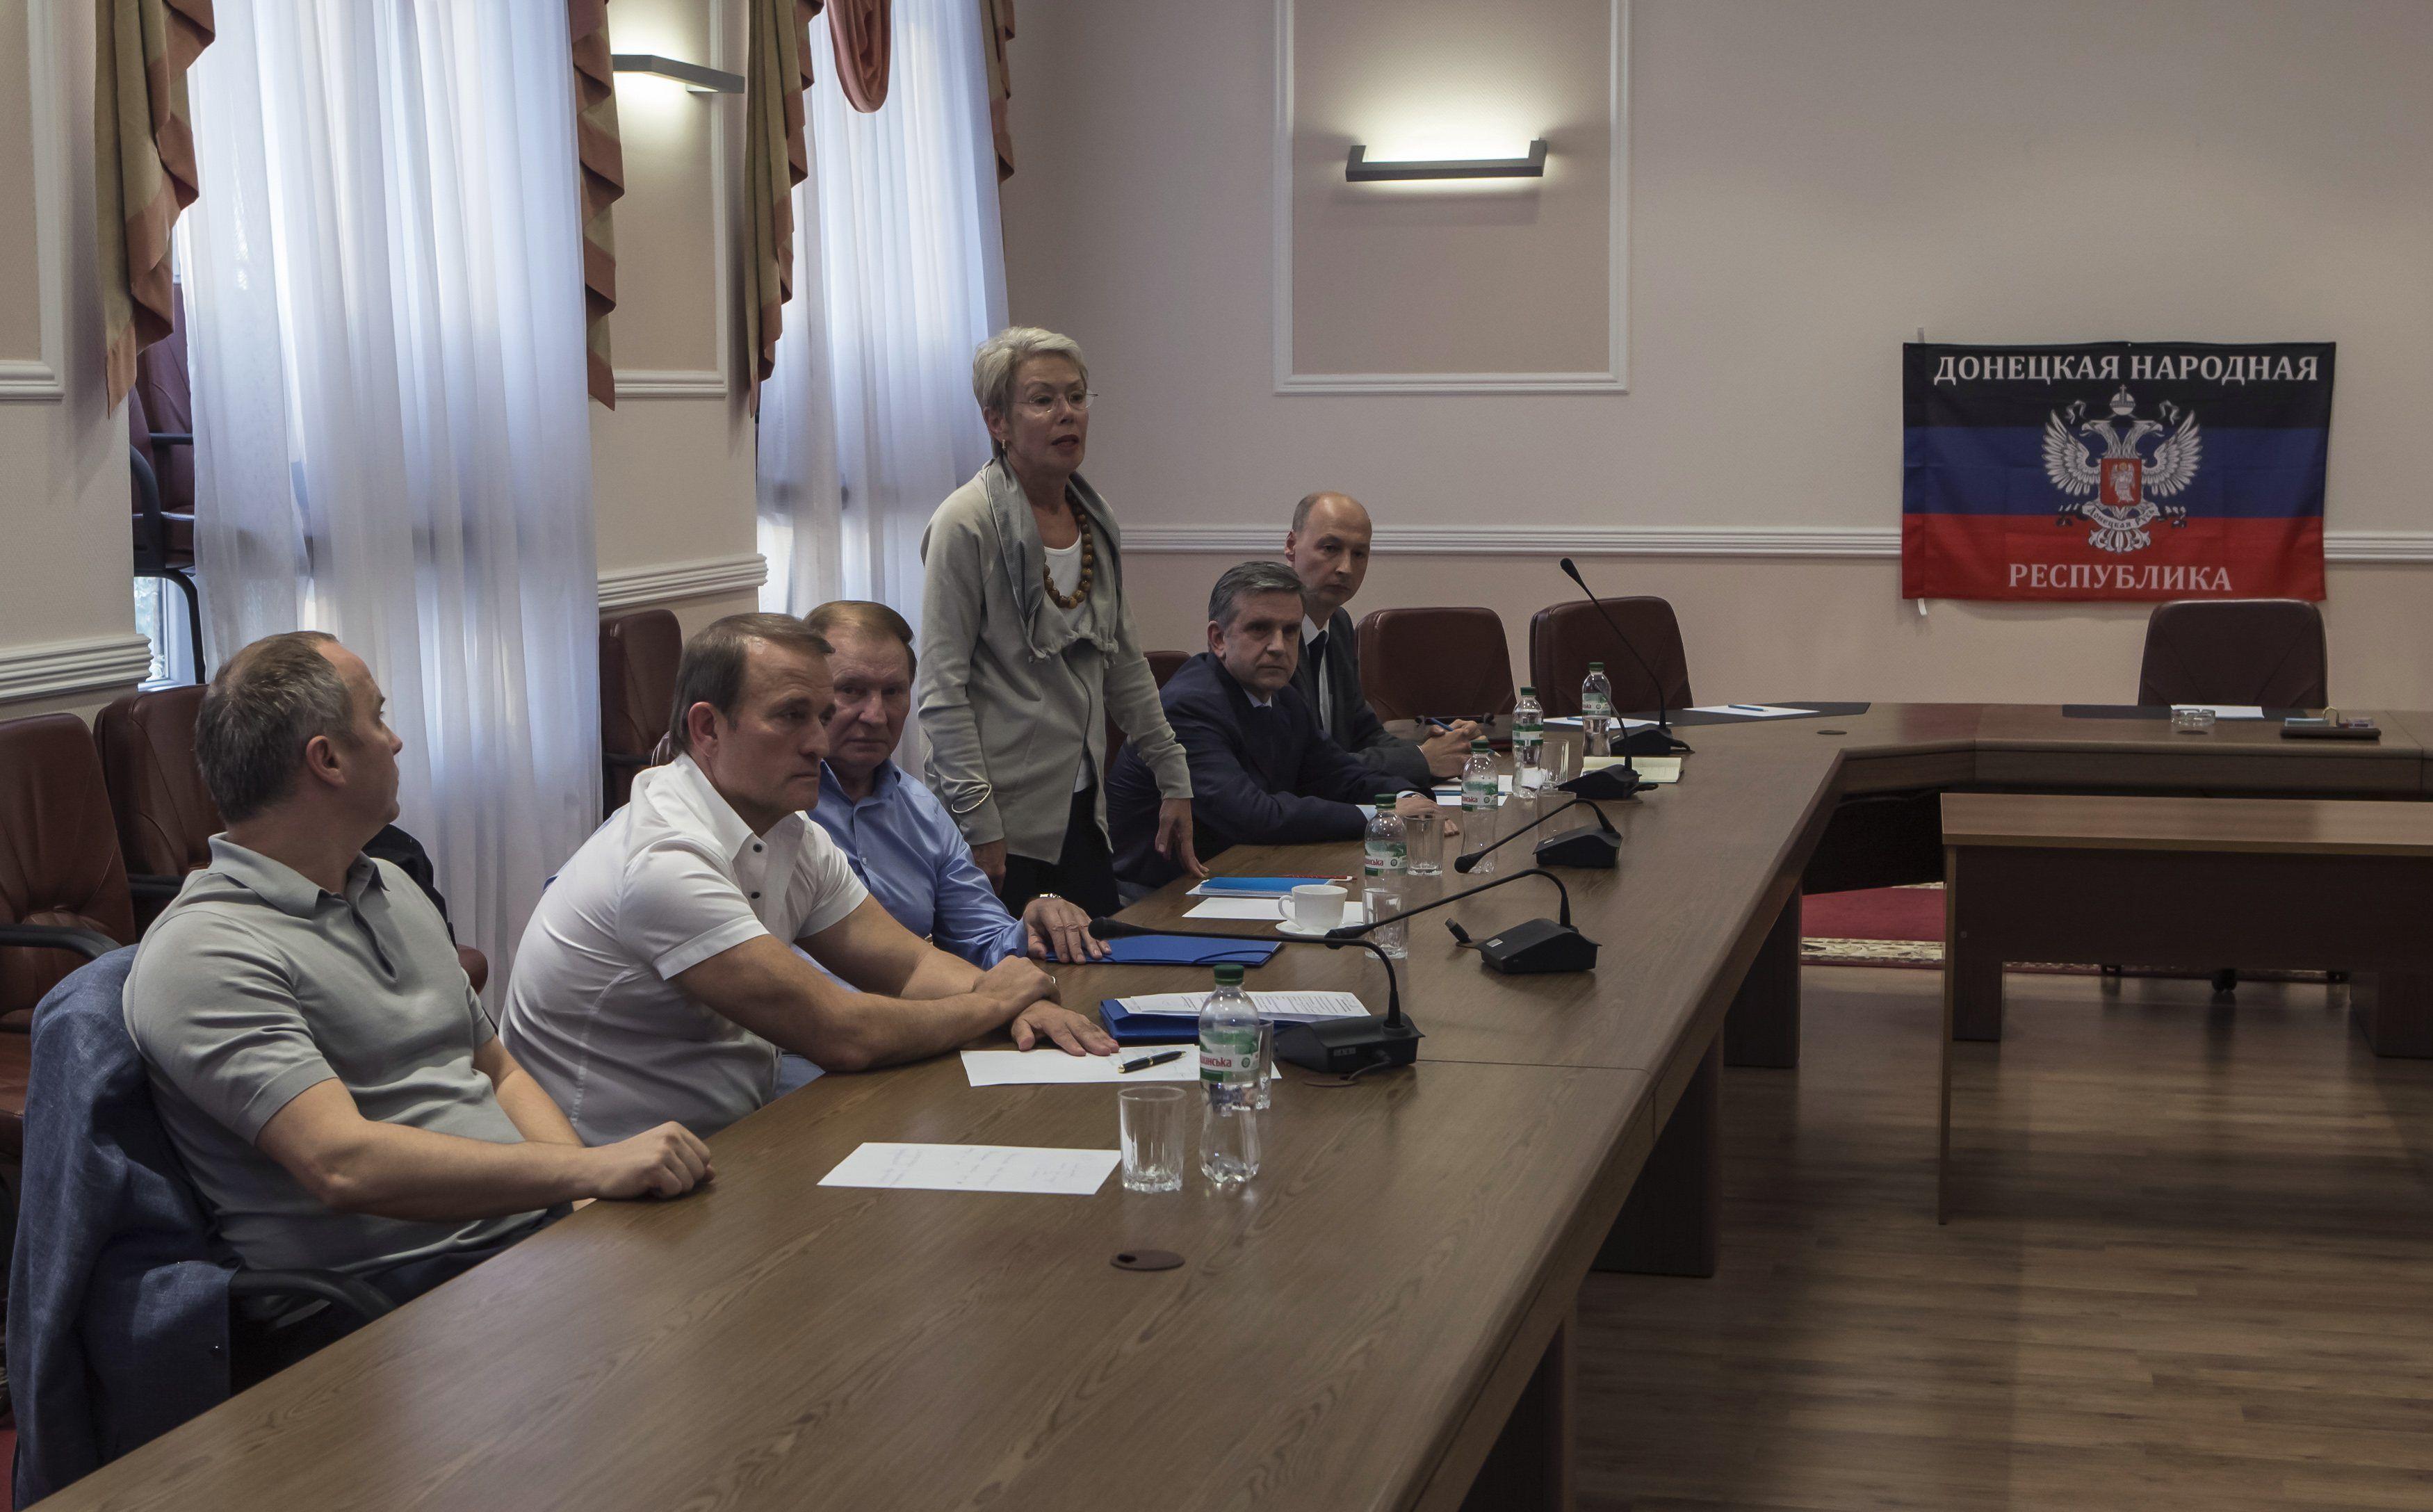 Медведчук, Кучма, Тальявини и Зурабов